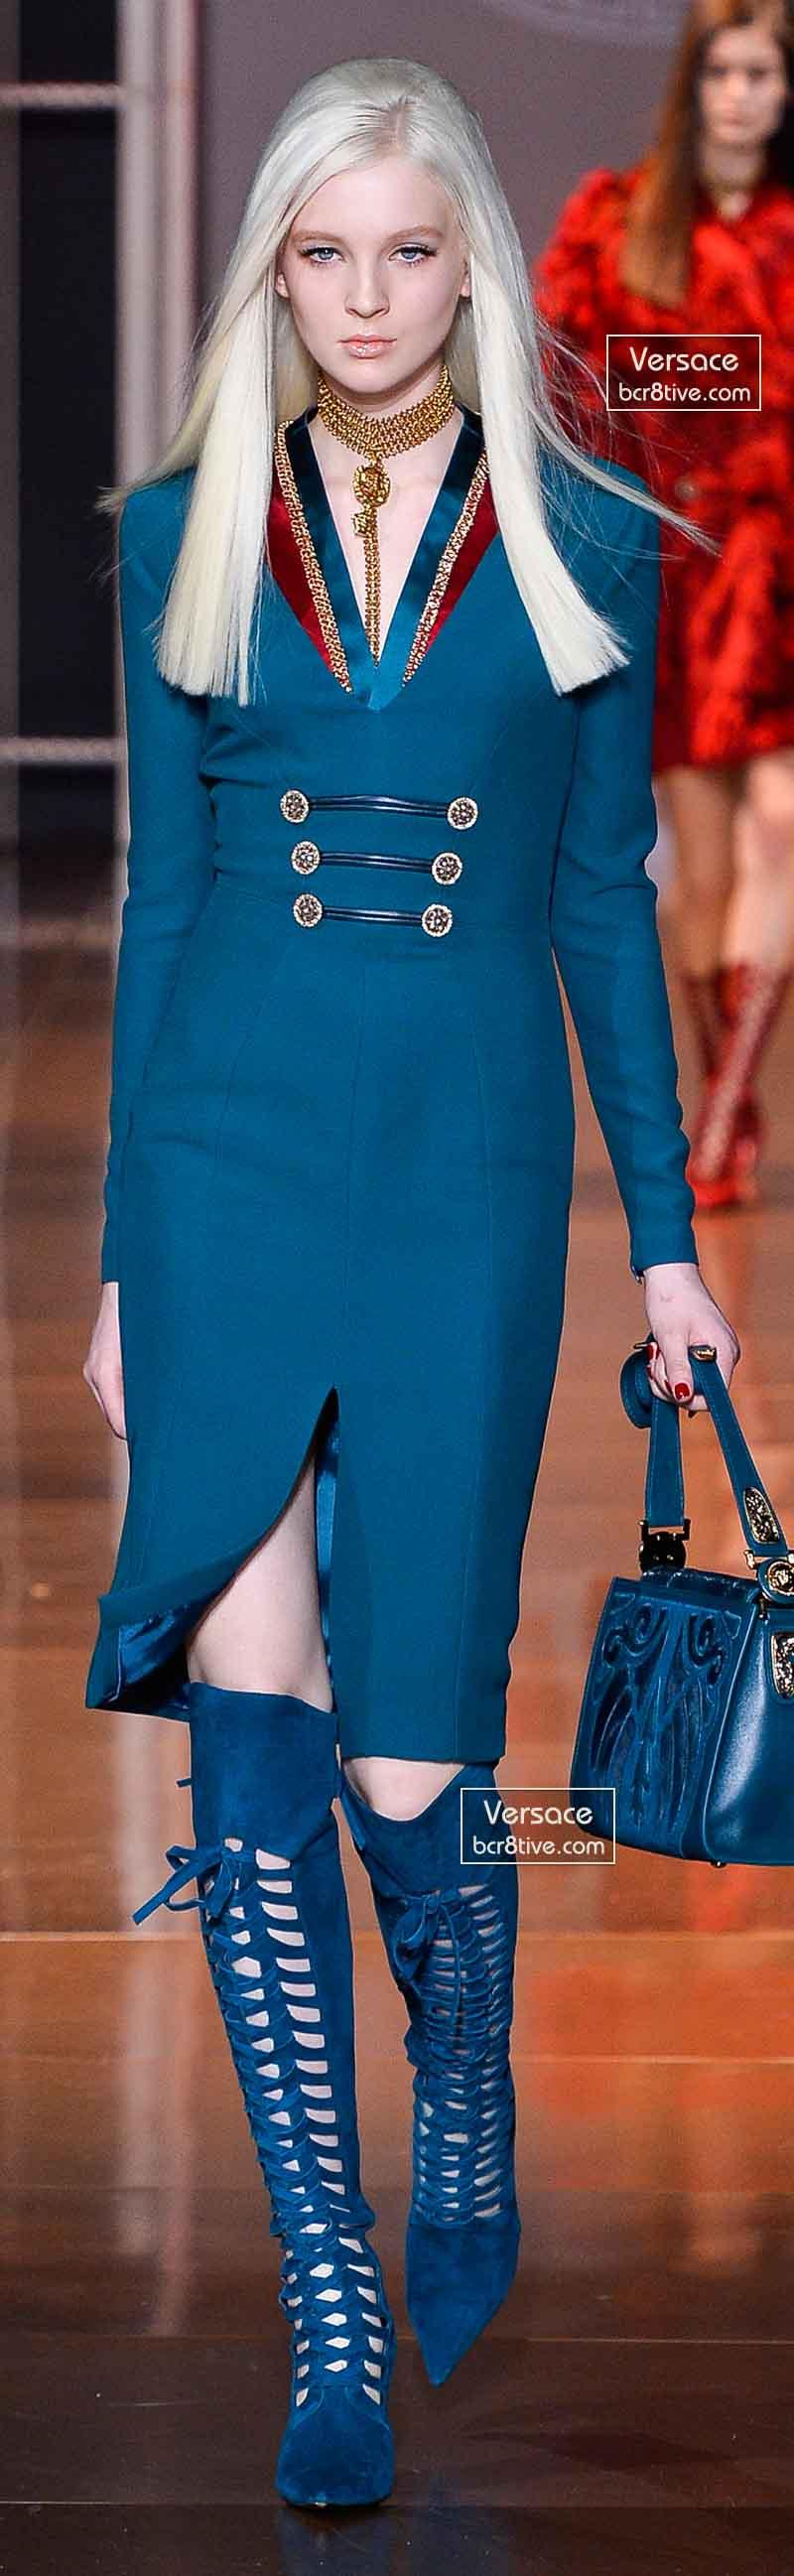 Versace Fall 2014 - Nastya Sten